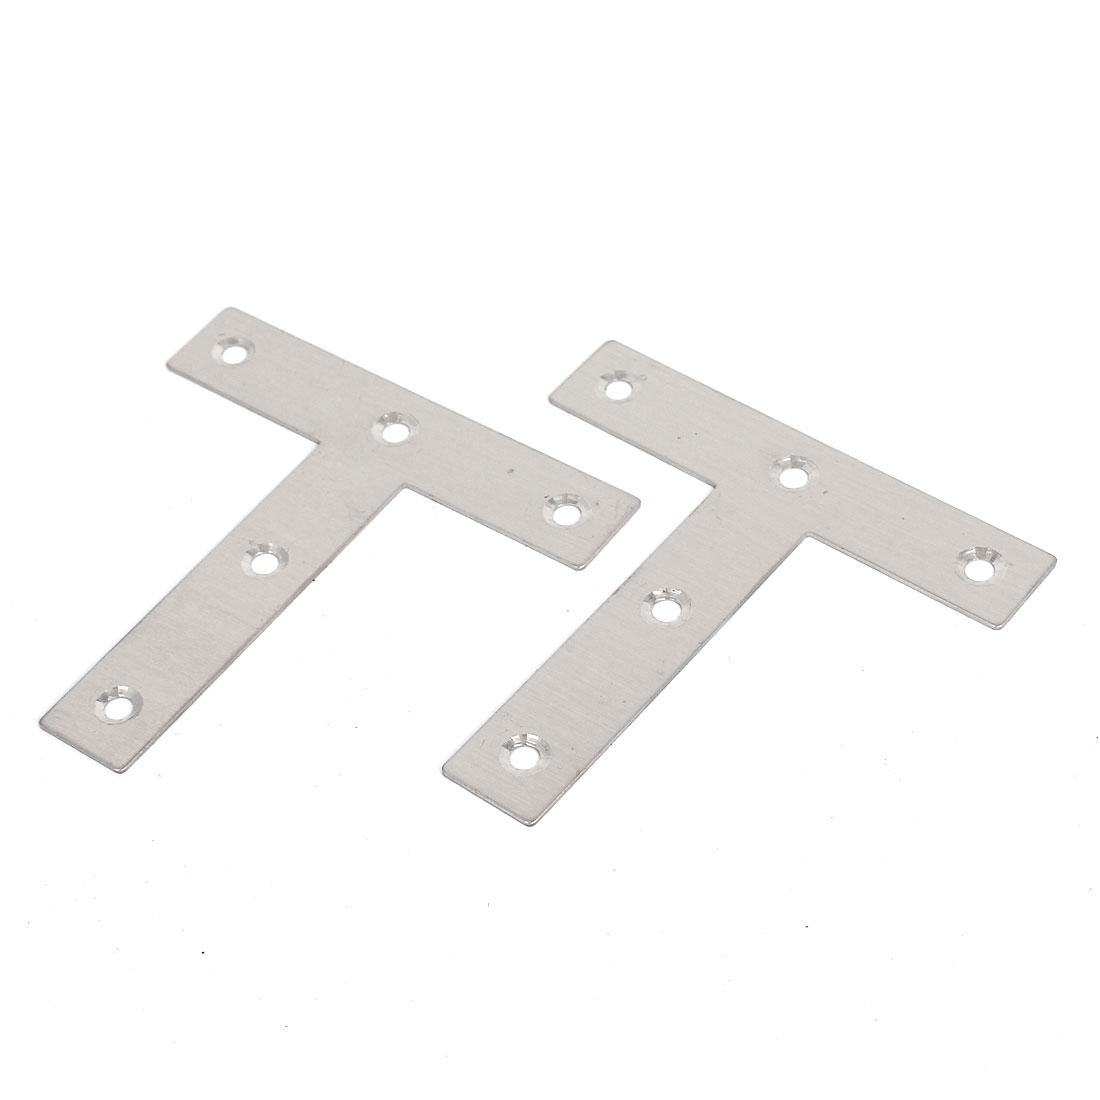 4 Pièces 80mmx80mmx16mm métal en forme de T de la plaque de renfort de coin télévision Crochets - image 1 de 1